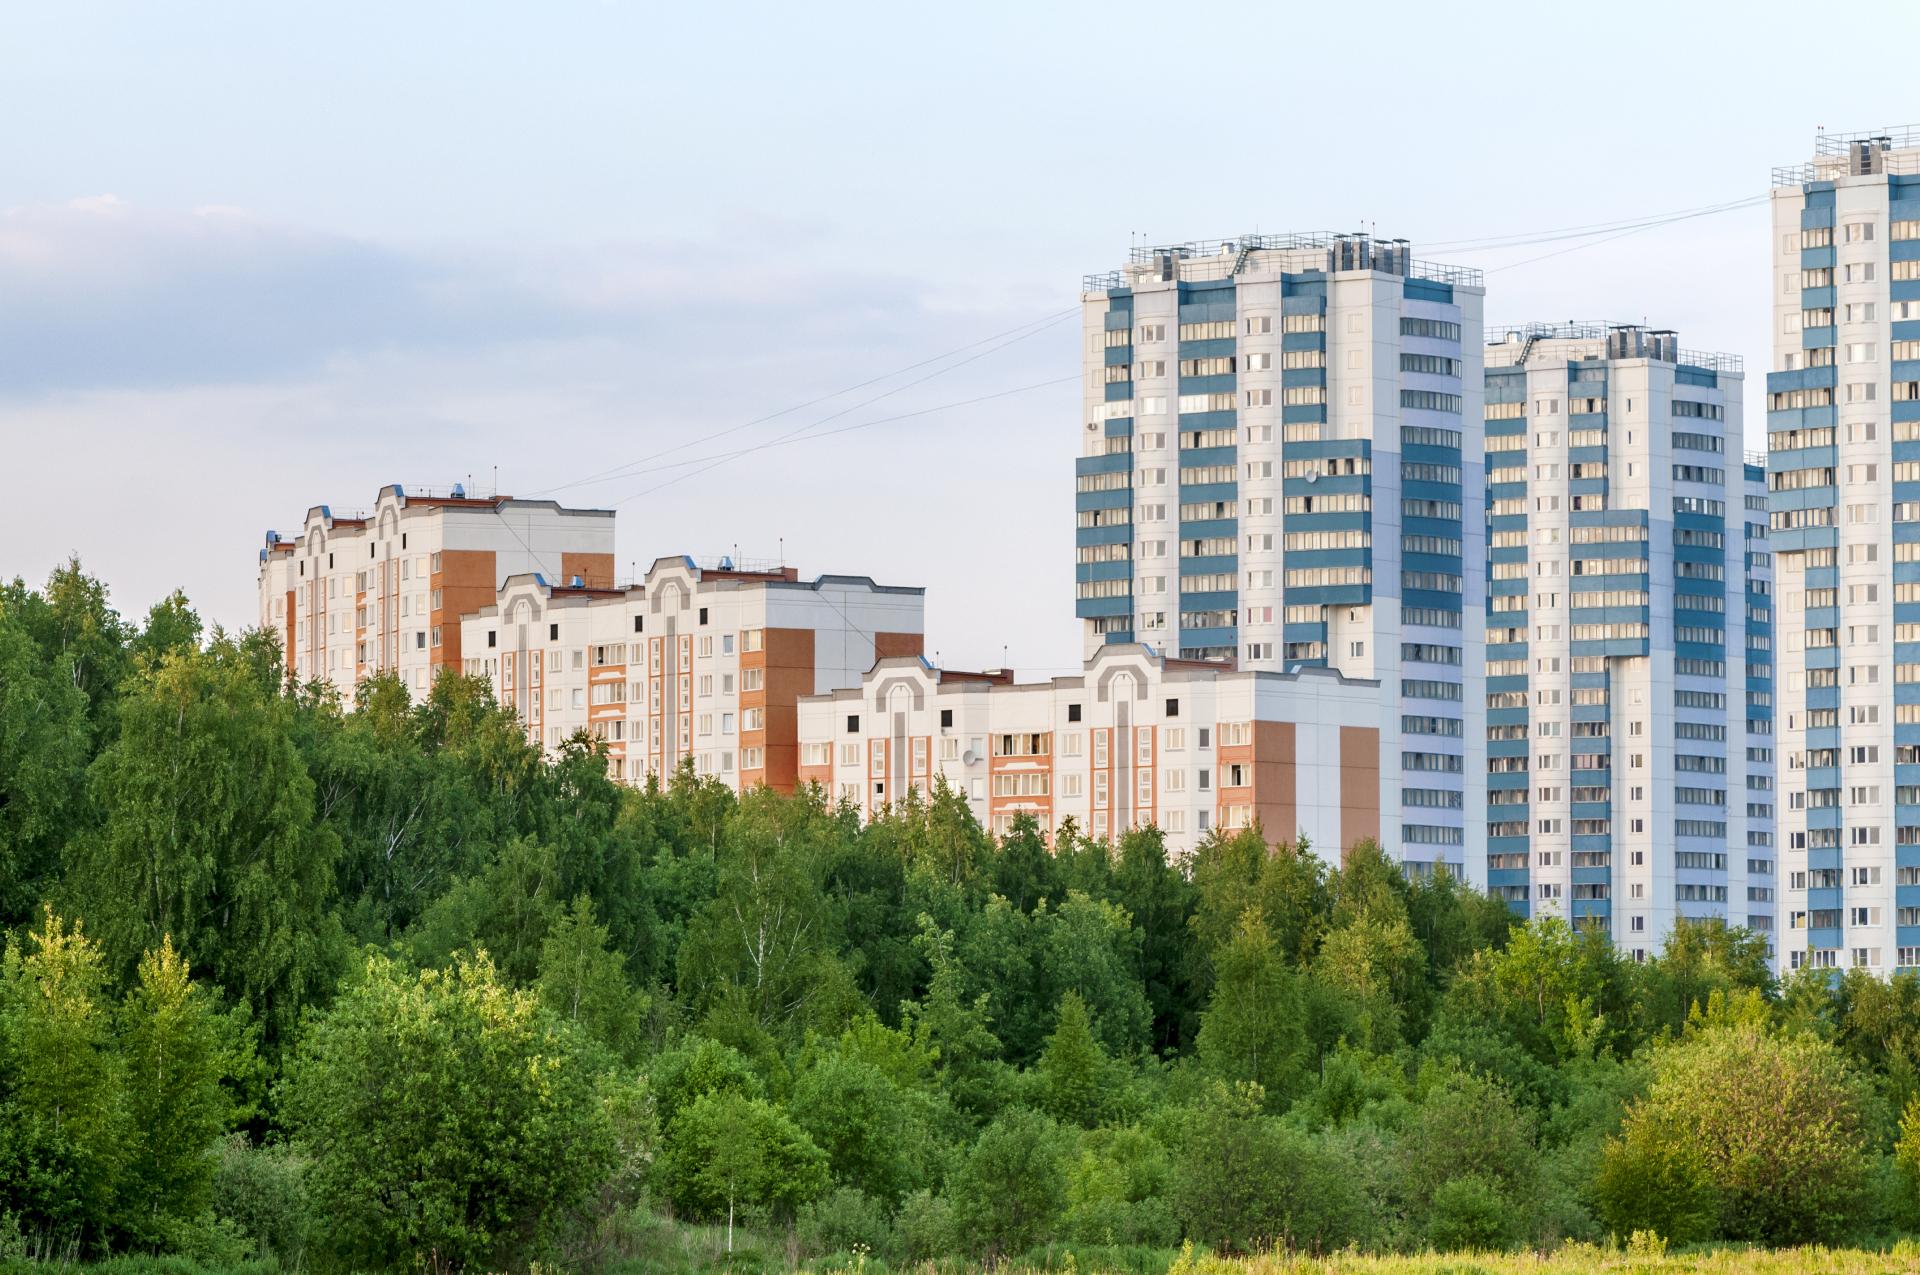 Многоэтажные ЖК рядом с зеленой зоной